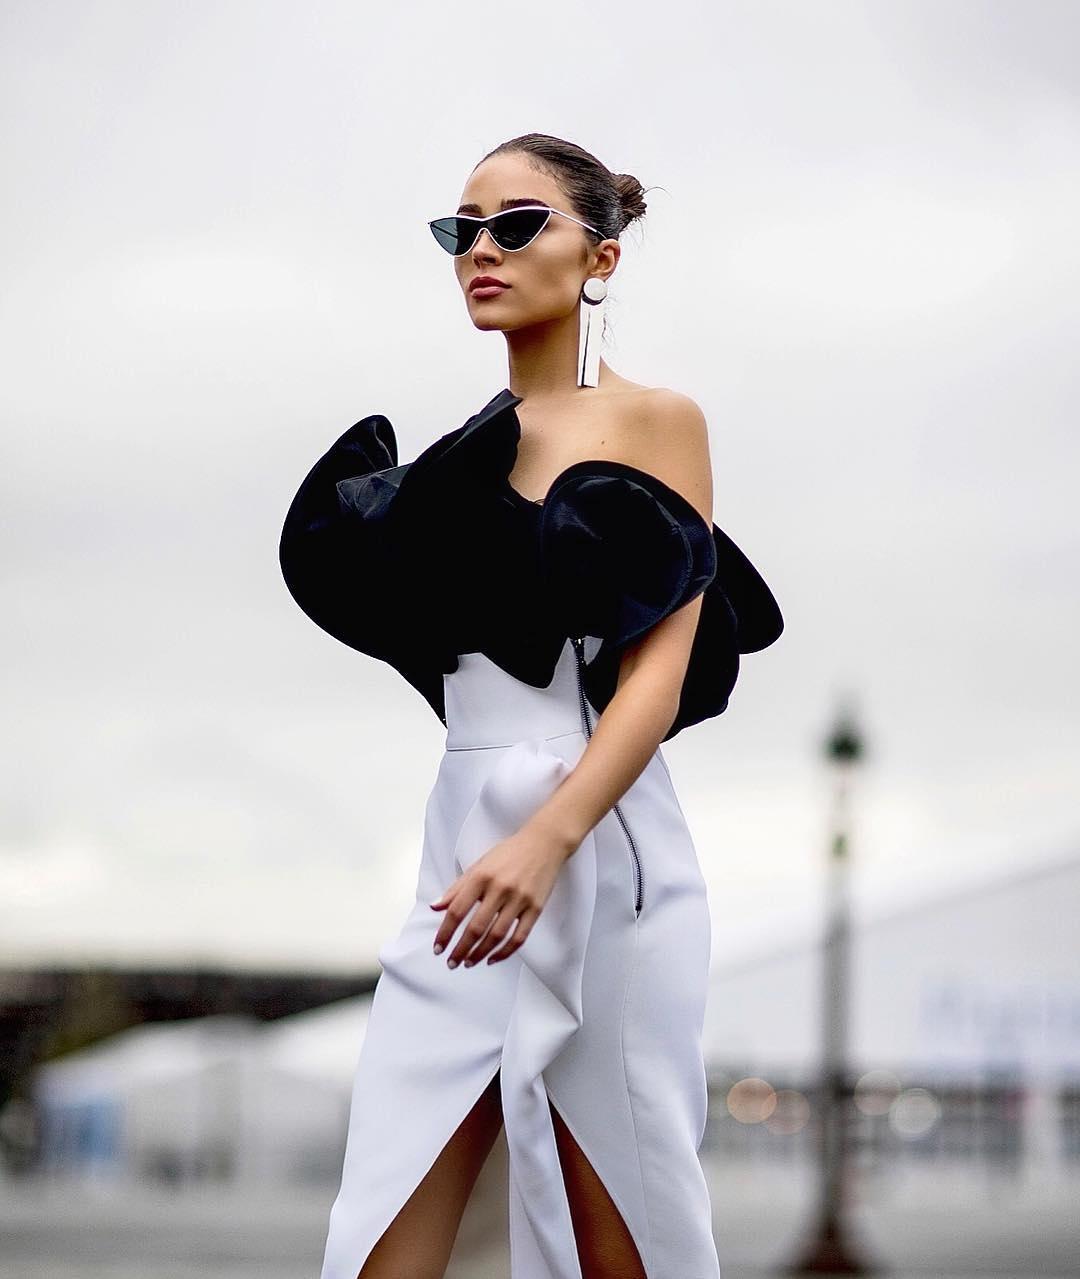 Hoa hậu Hoàn vũ Olivia Culpo gợi cảm với đầm ngắn lấp lánh Ảnh 10